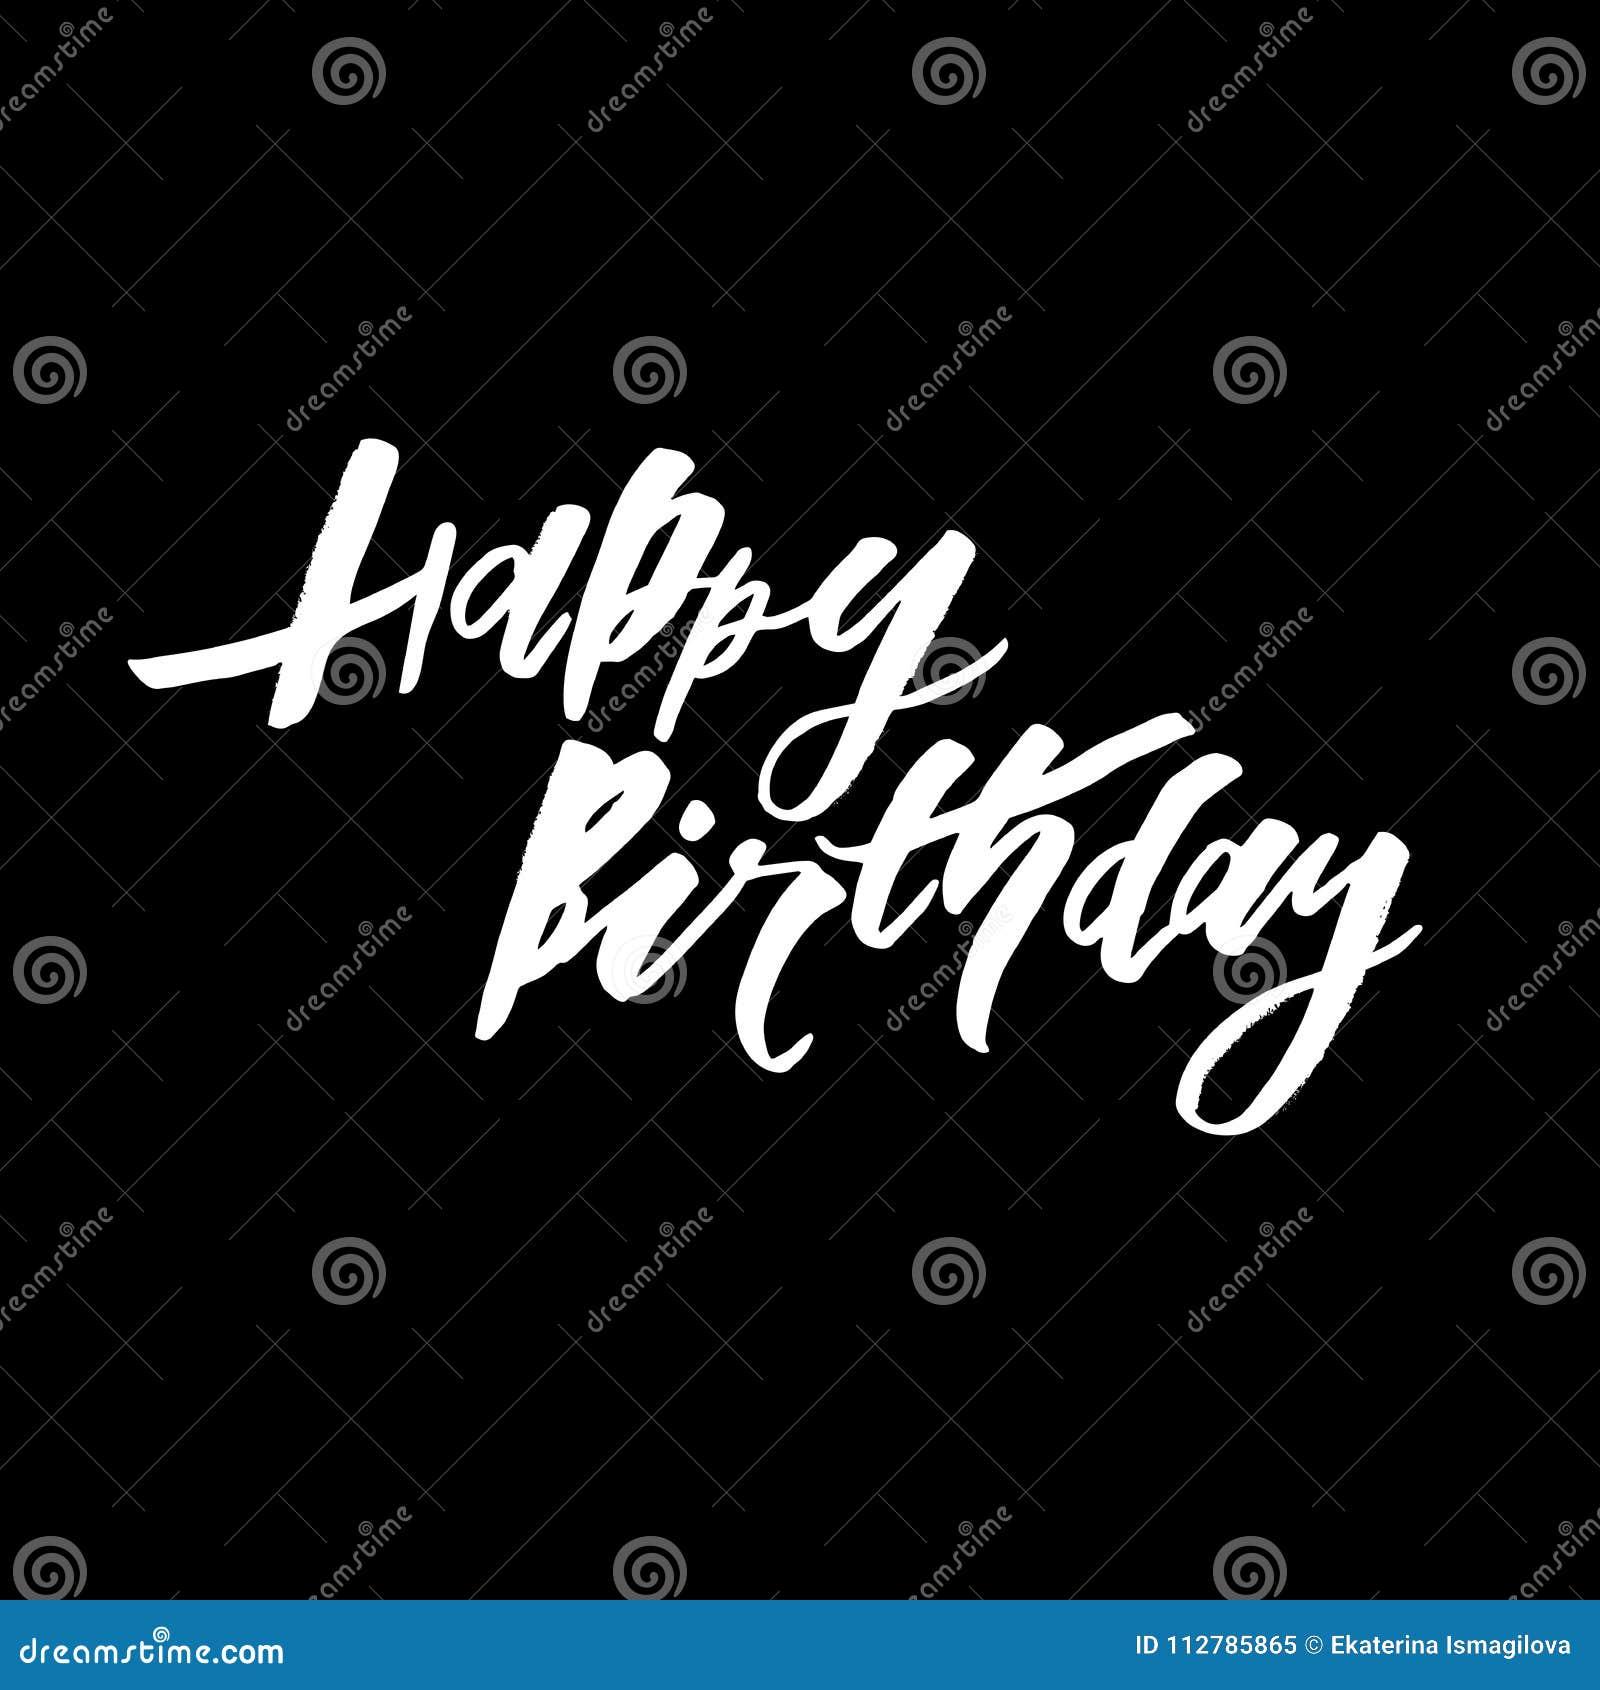 Gelukkig Verjaardagstekst het van letters voorzien kalligrafie zwart wit